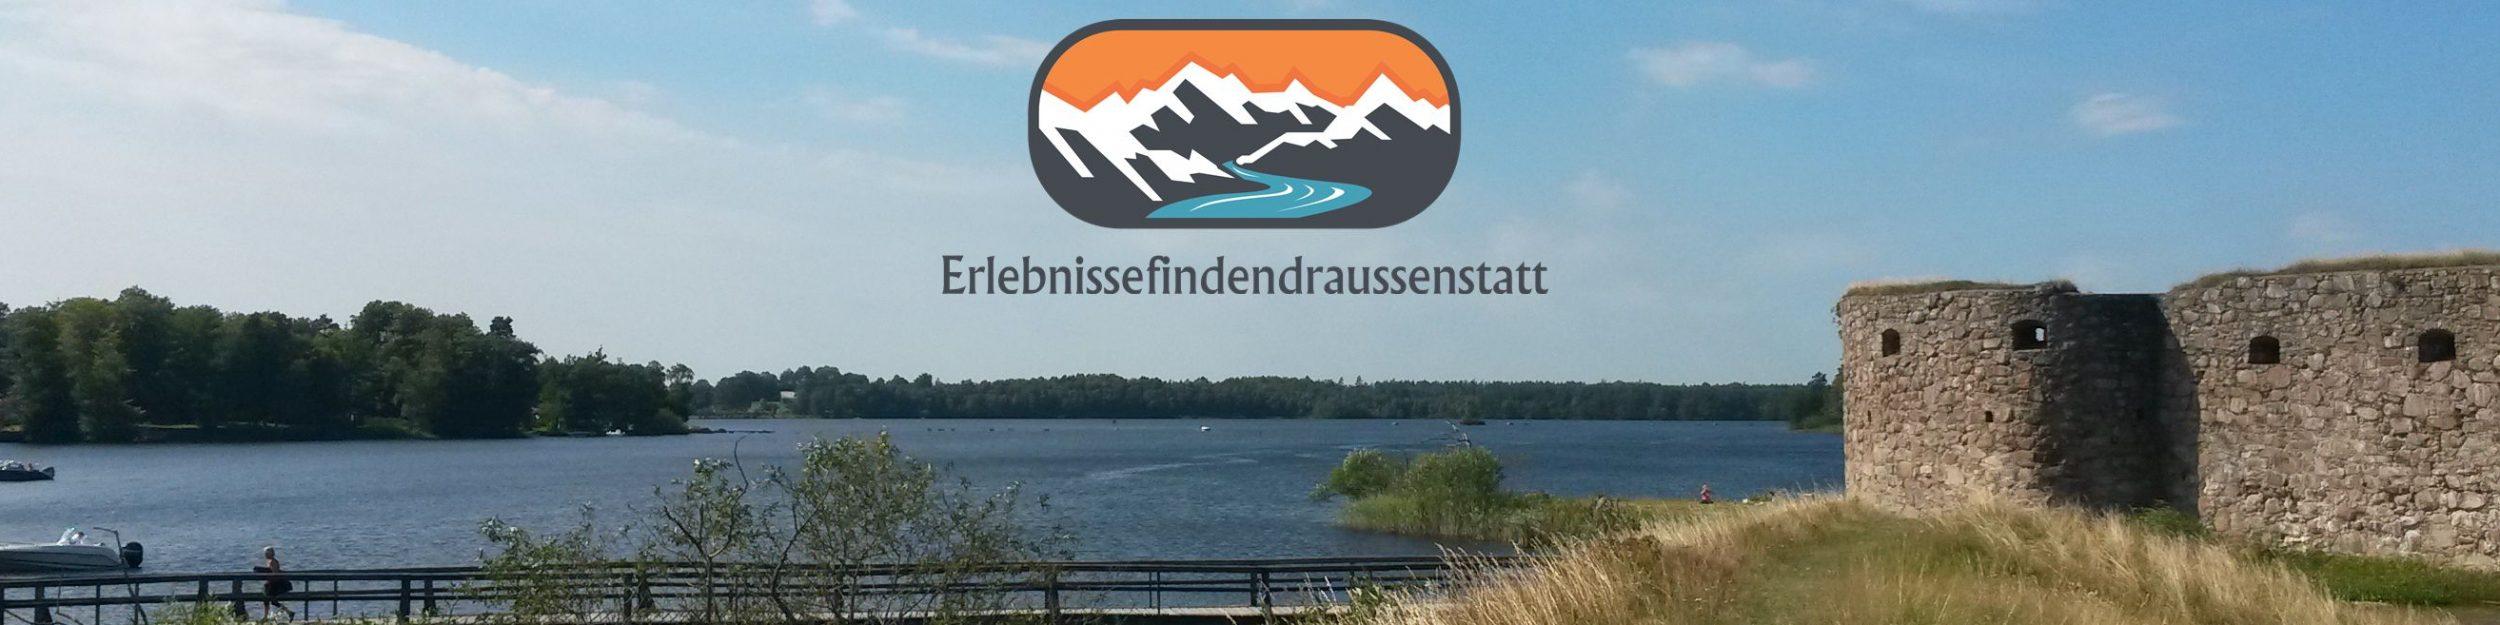 Erlebnissefindendraussenstatt.de